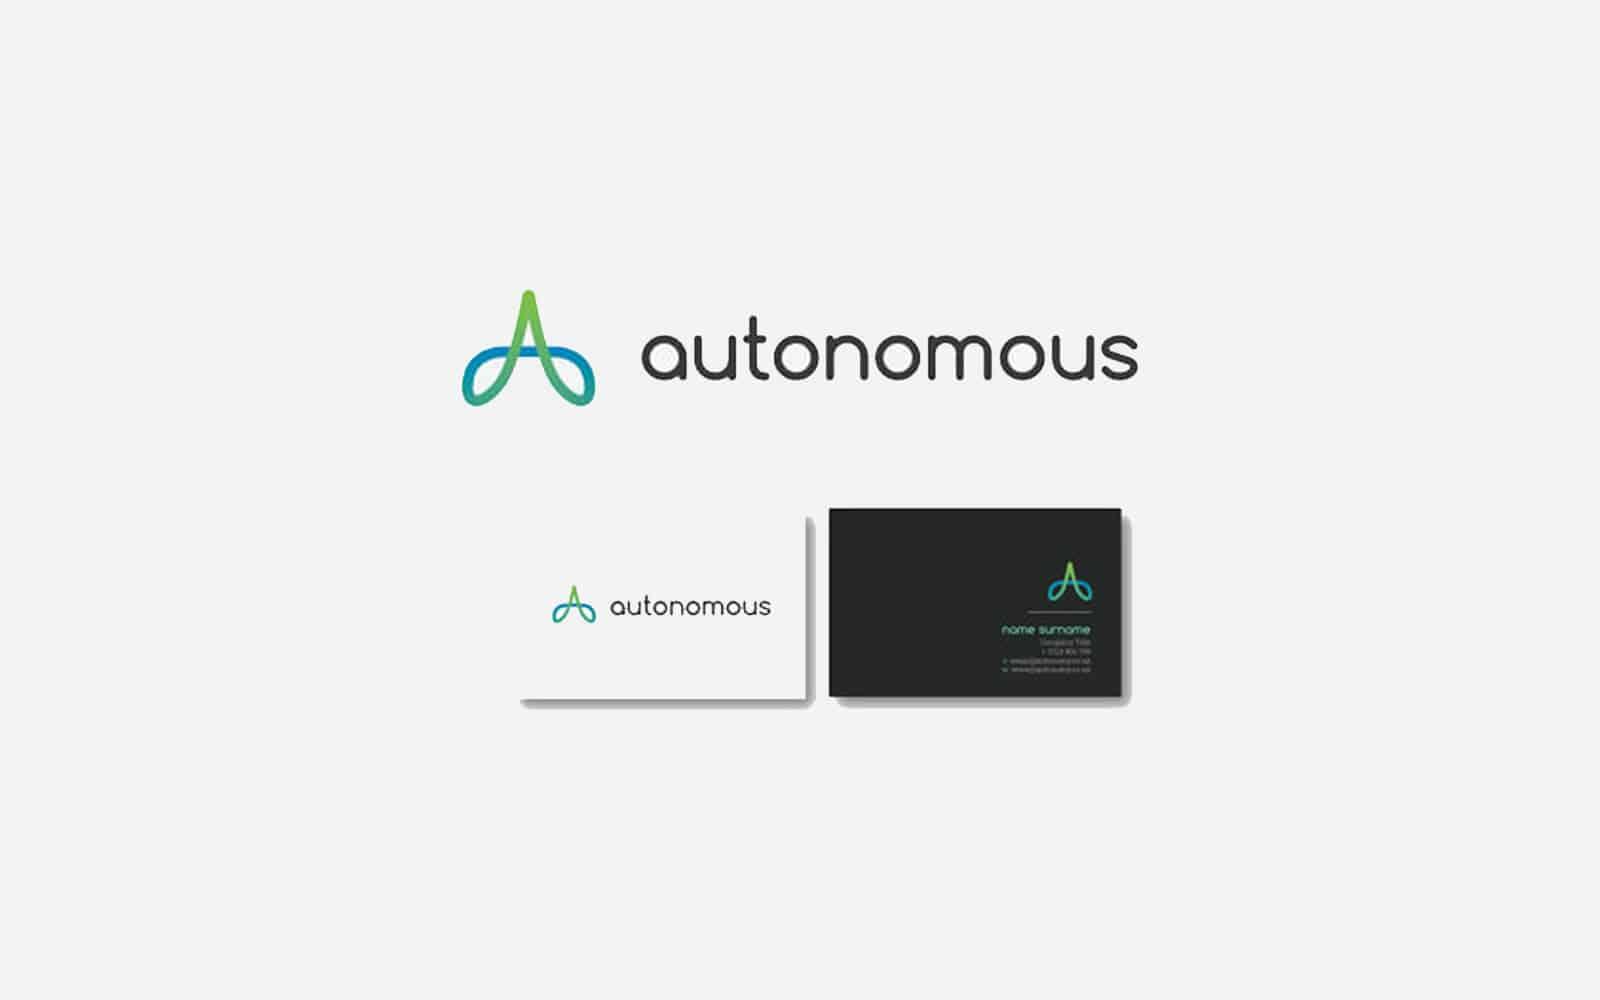 autonomous logo and cards